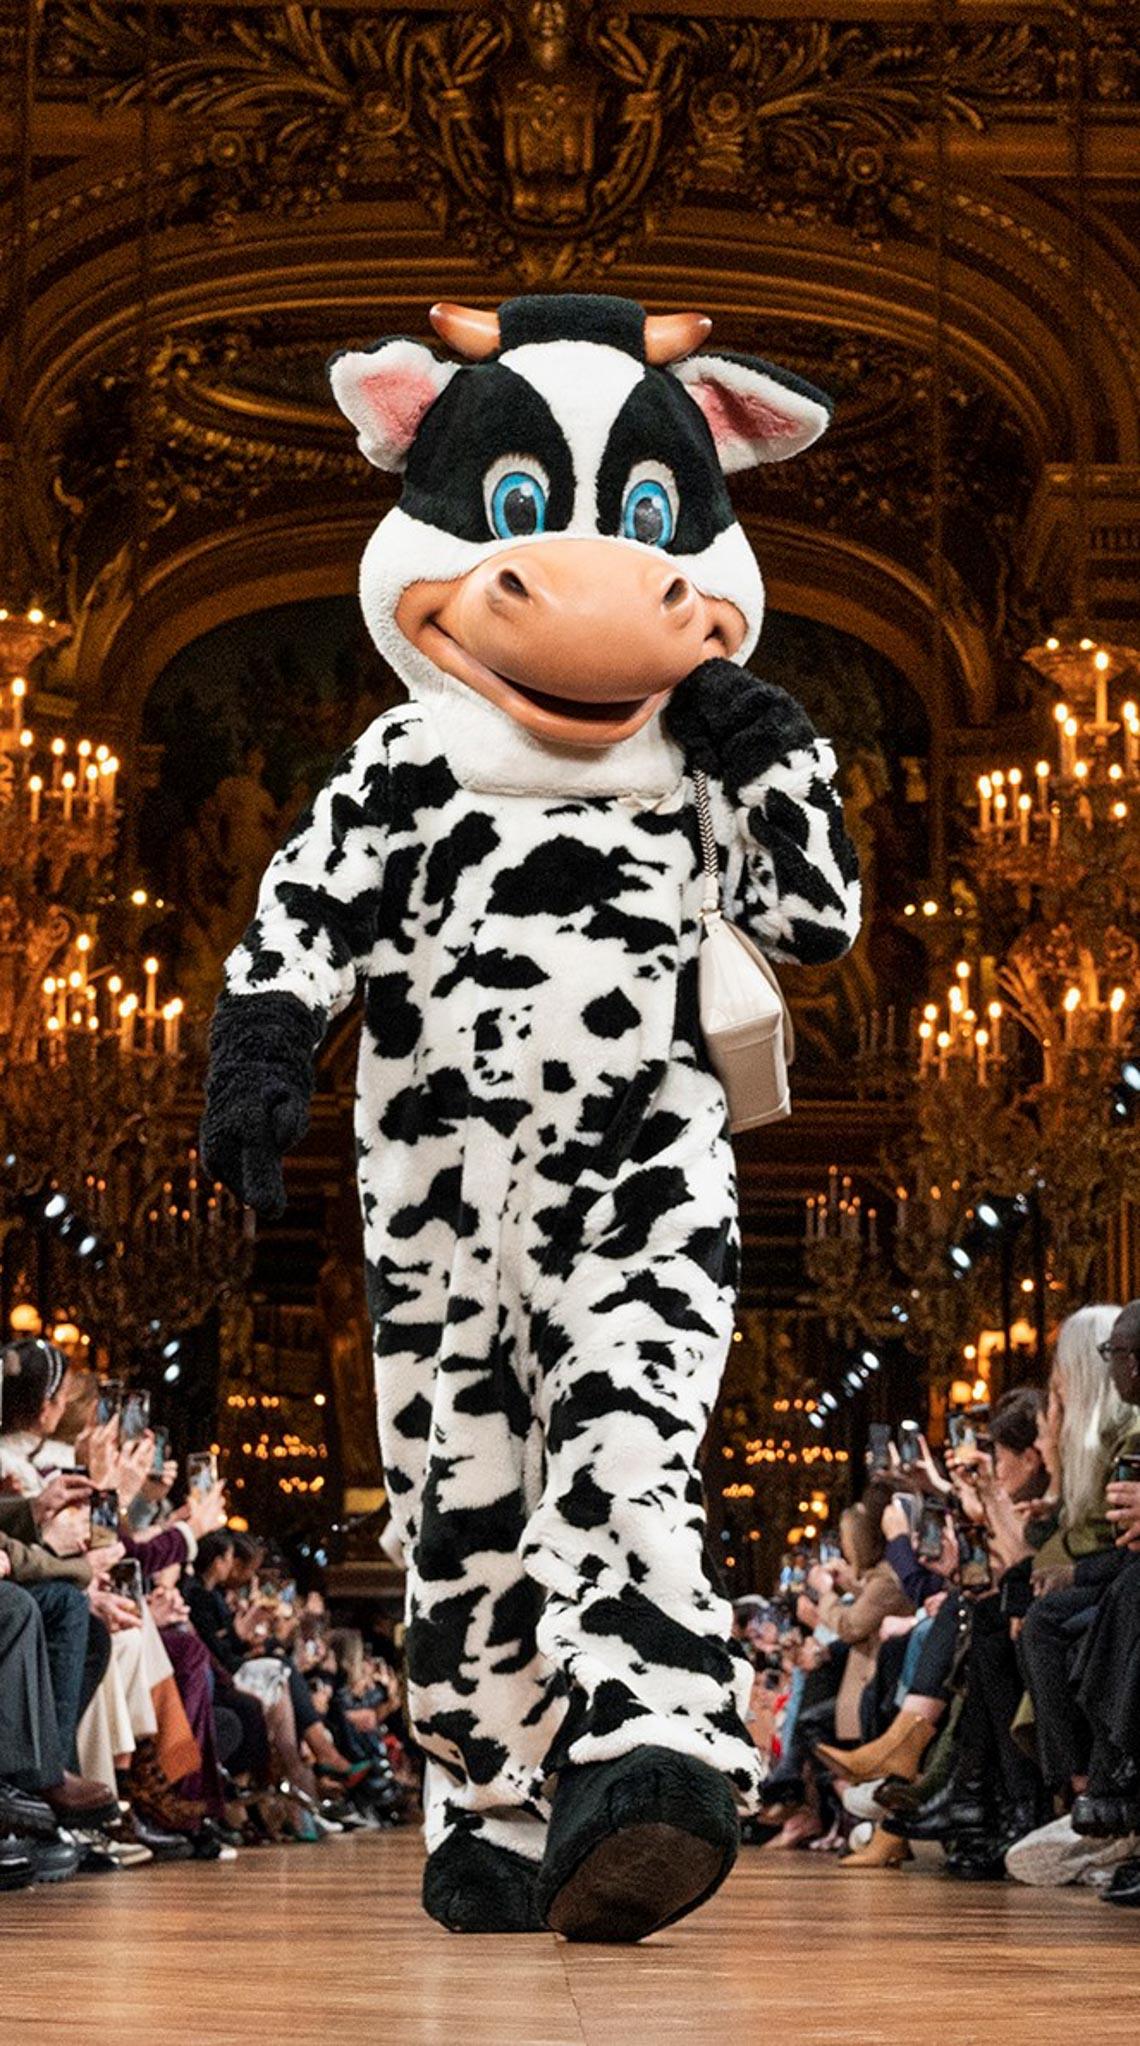 Tuần lễ thời trang Paris 2020 bị ảnh hưởng bởi virus corona -29